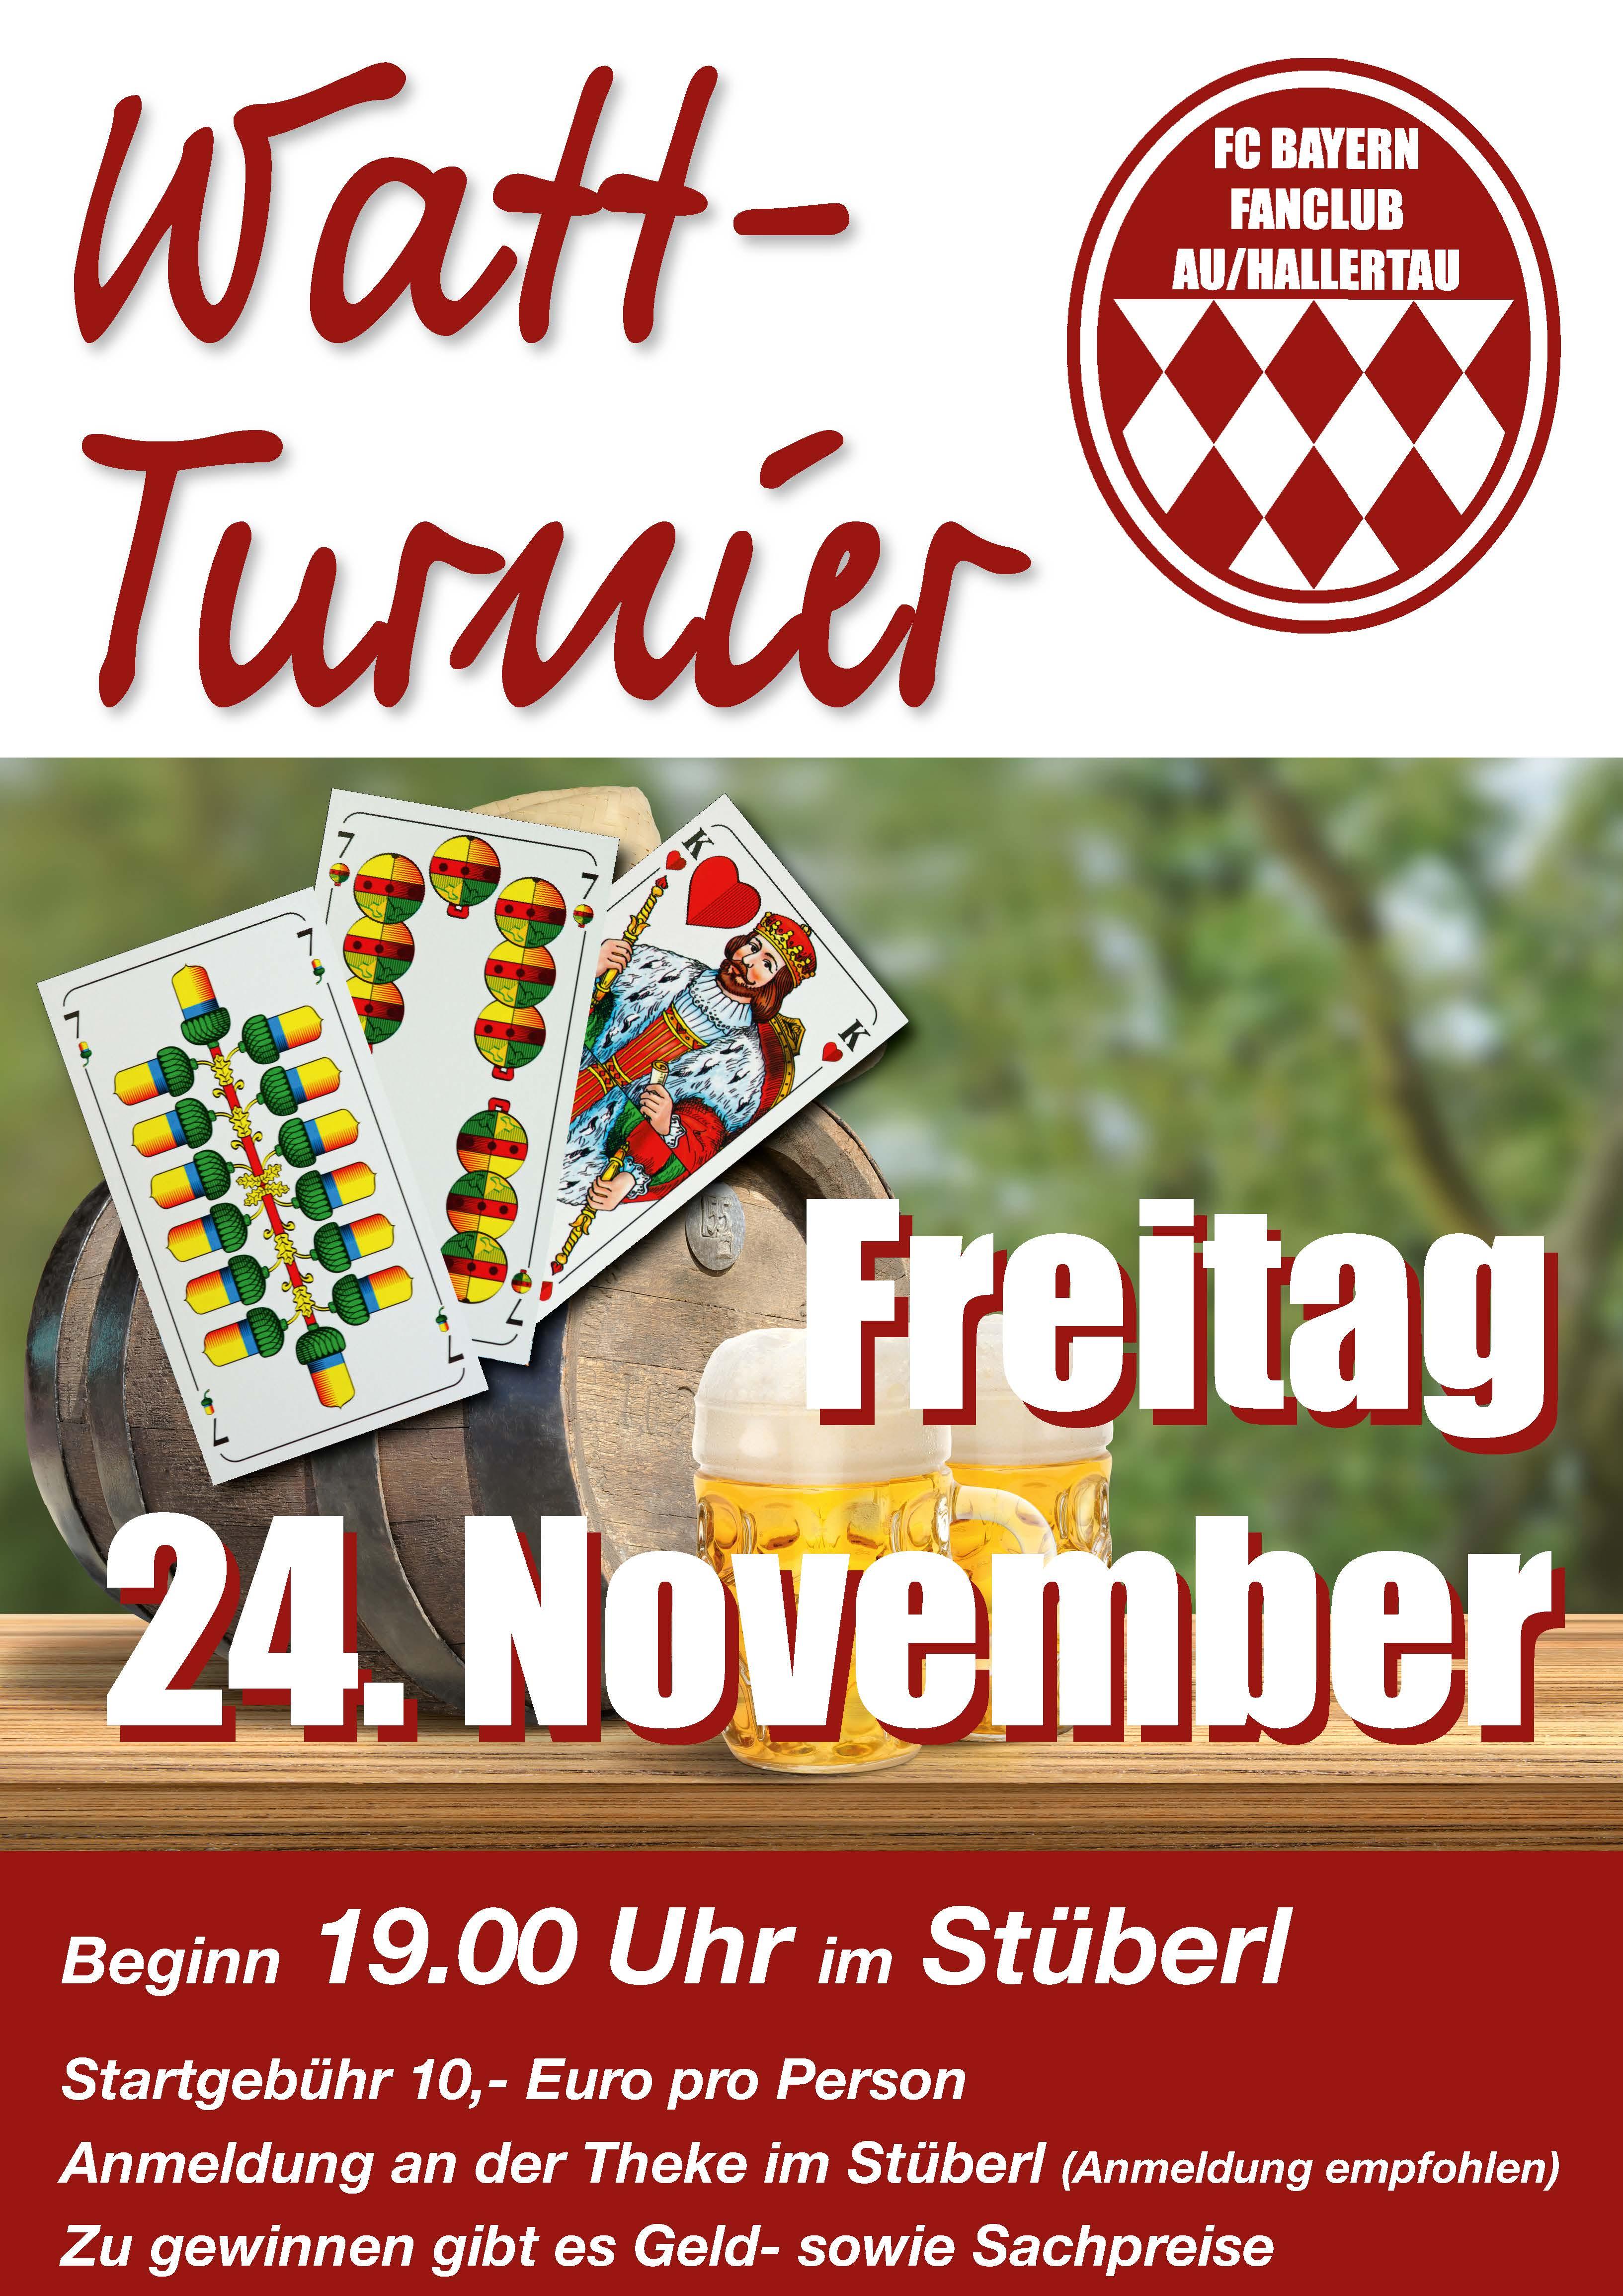 Plakat_Wattturnier